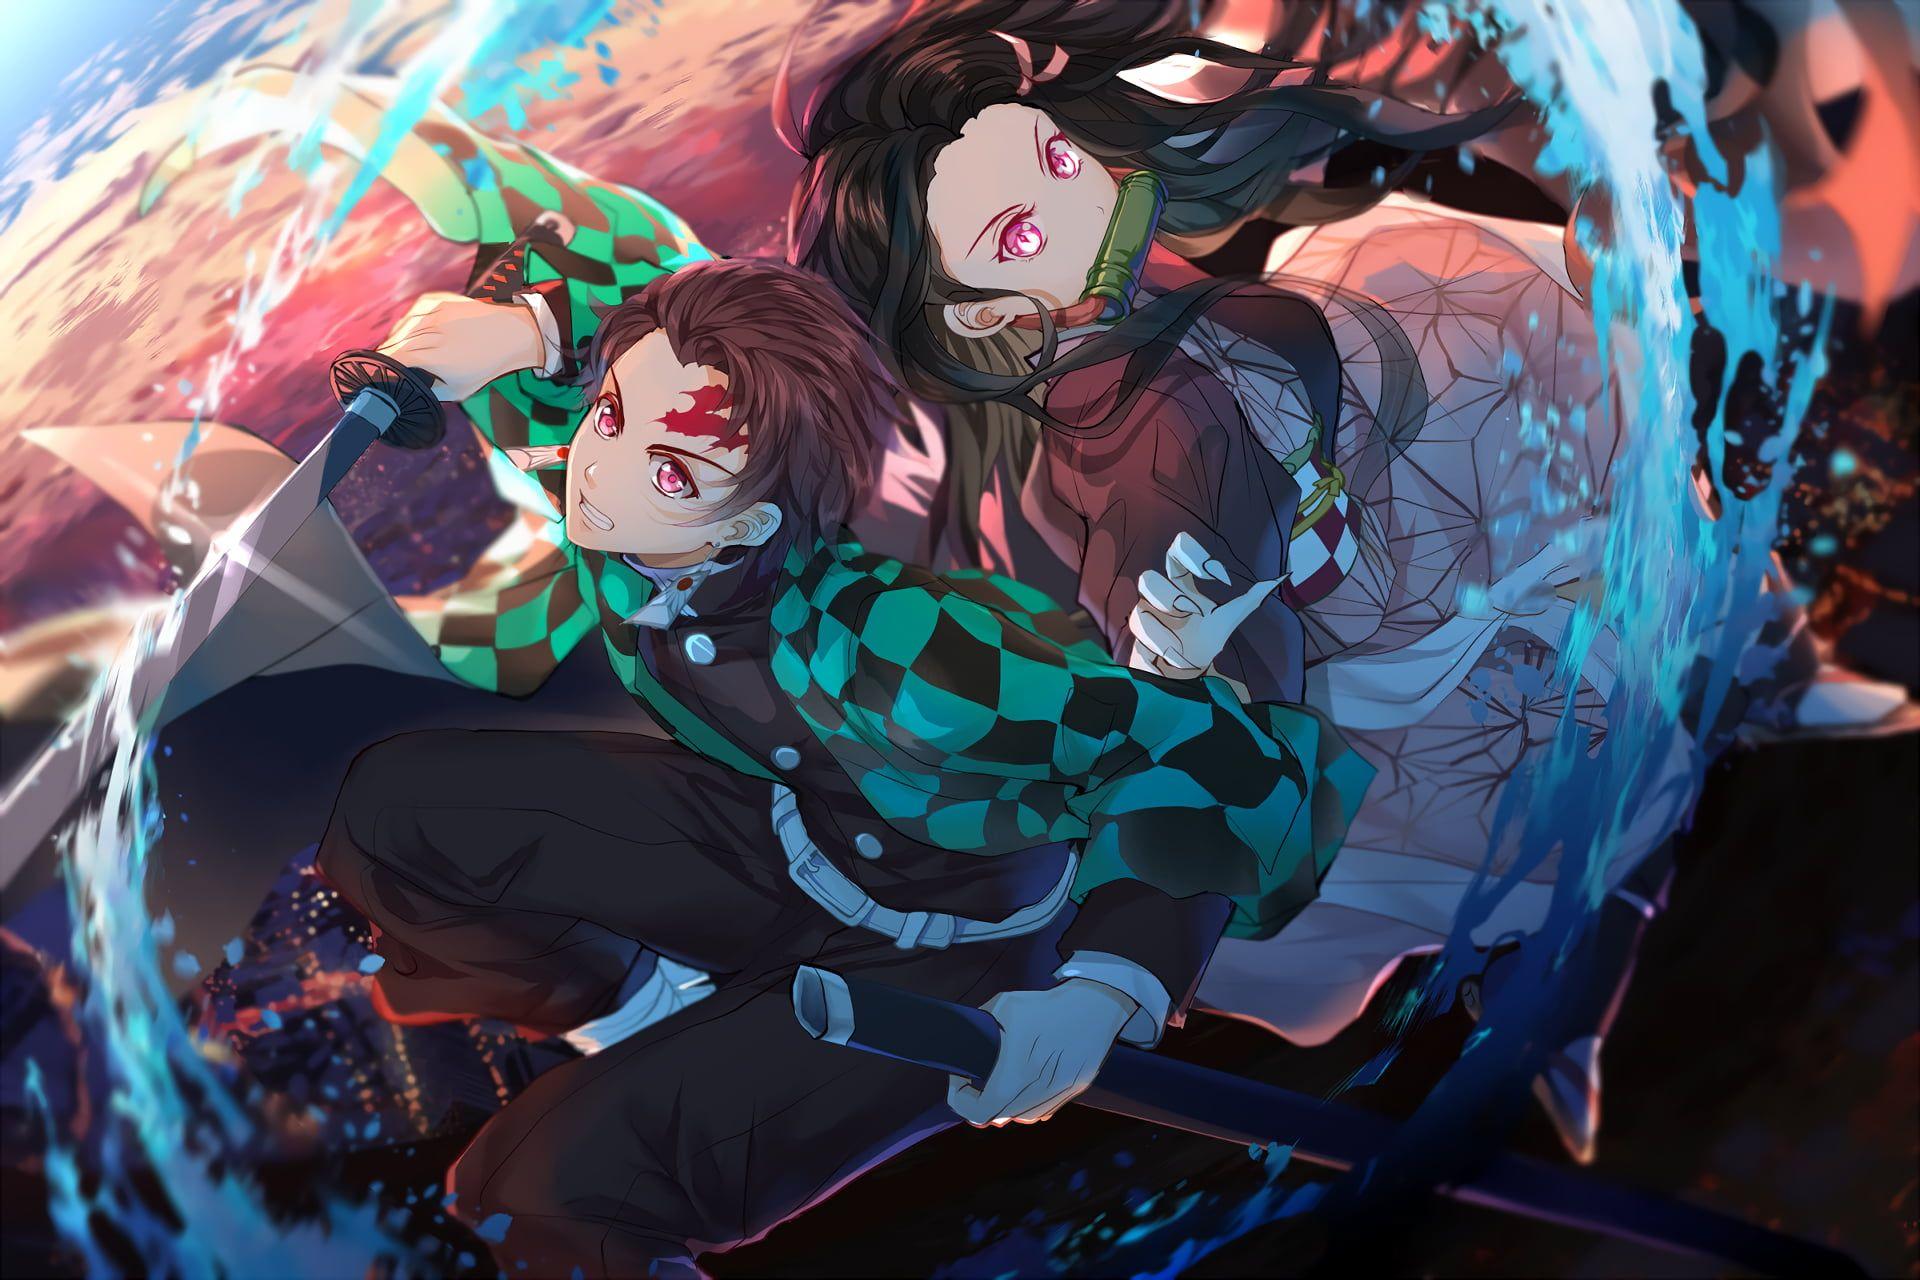 Kimetsu No Yaiba Tanjiro Kamado Anime Kamado Nezuko 1080p Wallpaper Hdwallpaper Desktop Anime Anime Images Anime Demon